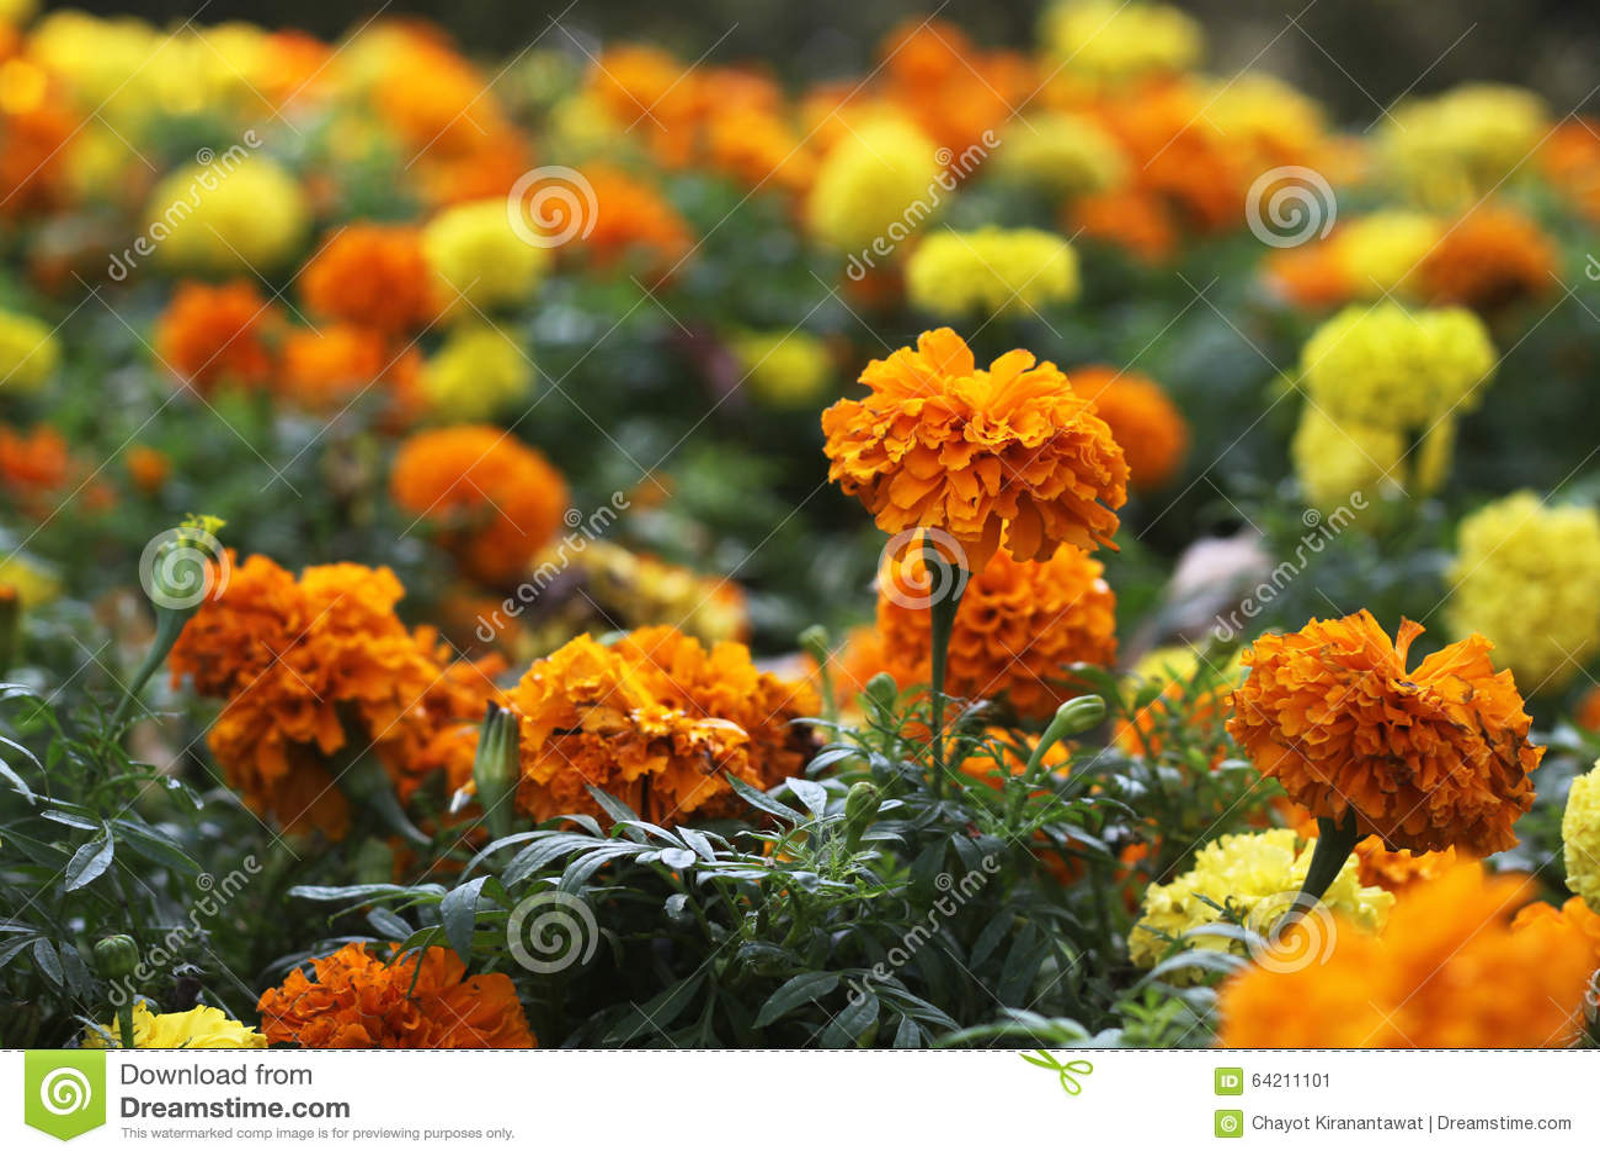 Maravillas amarillas y anaranjadas